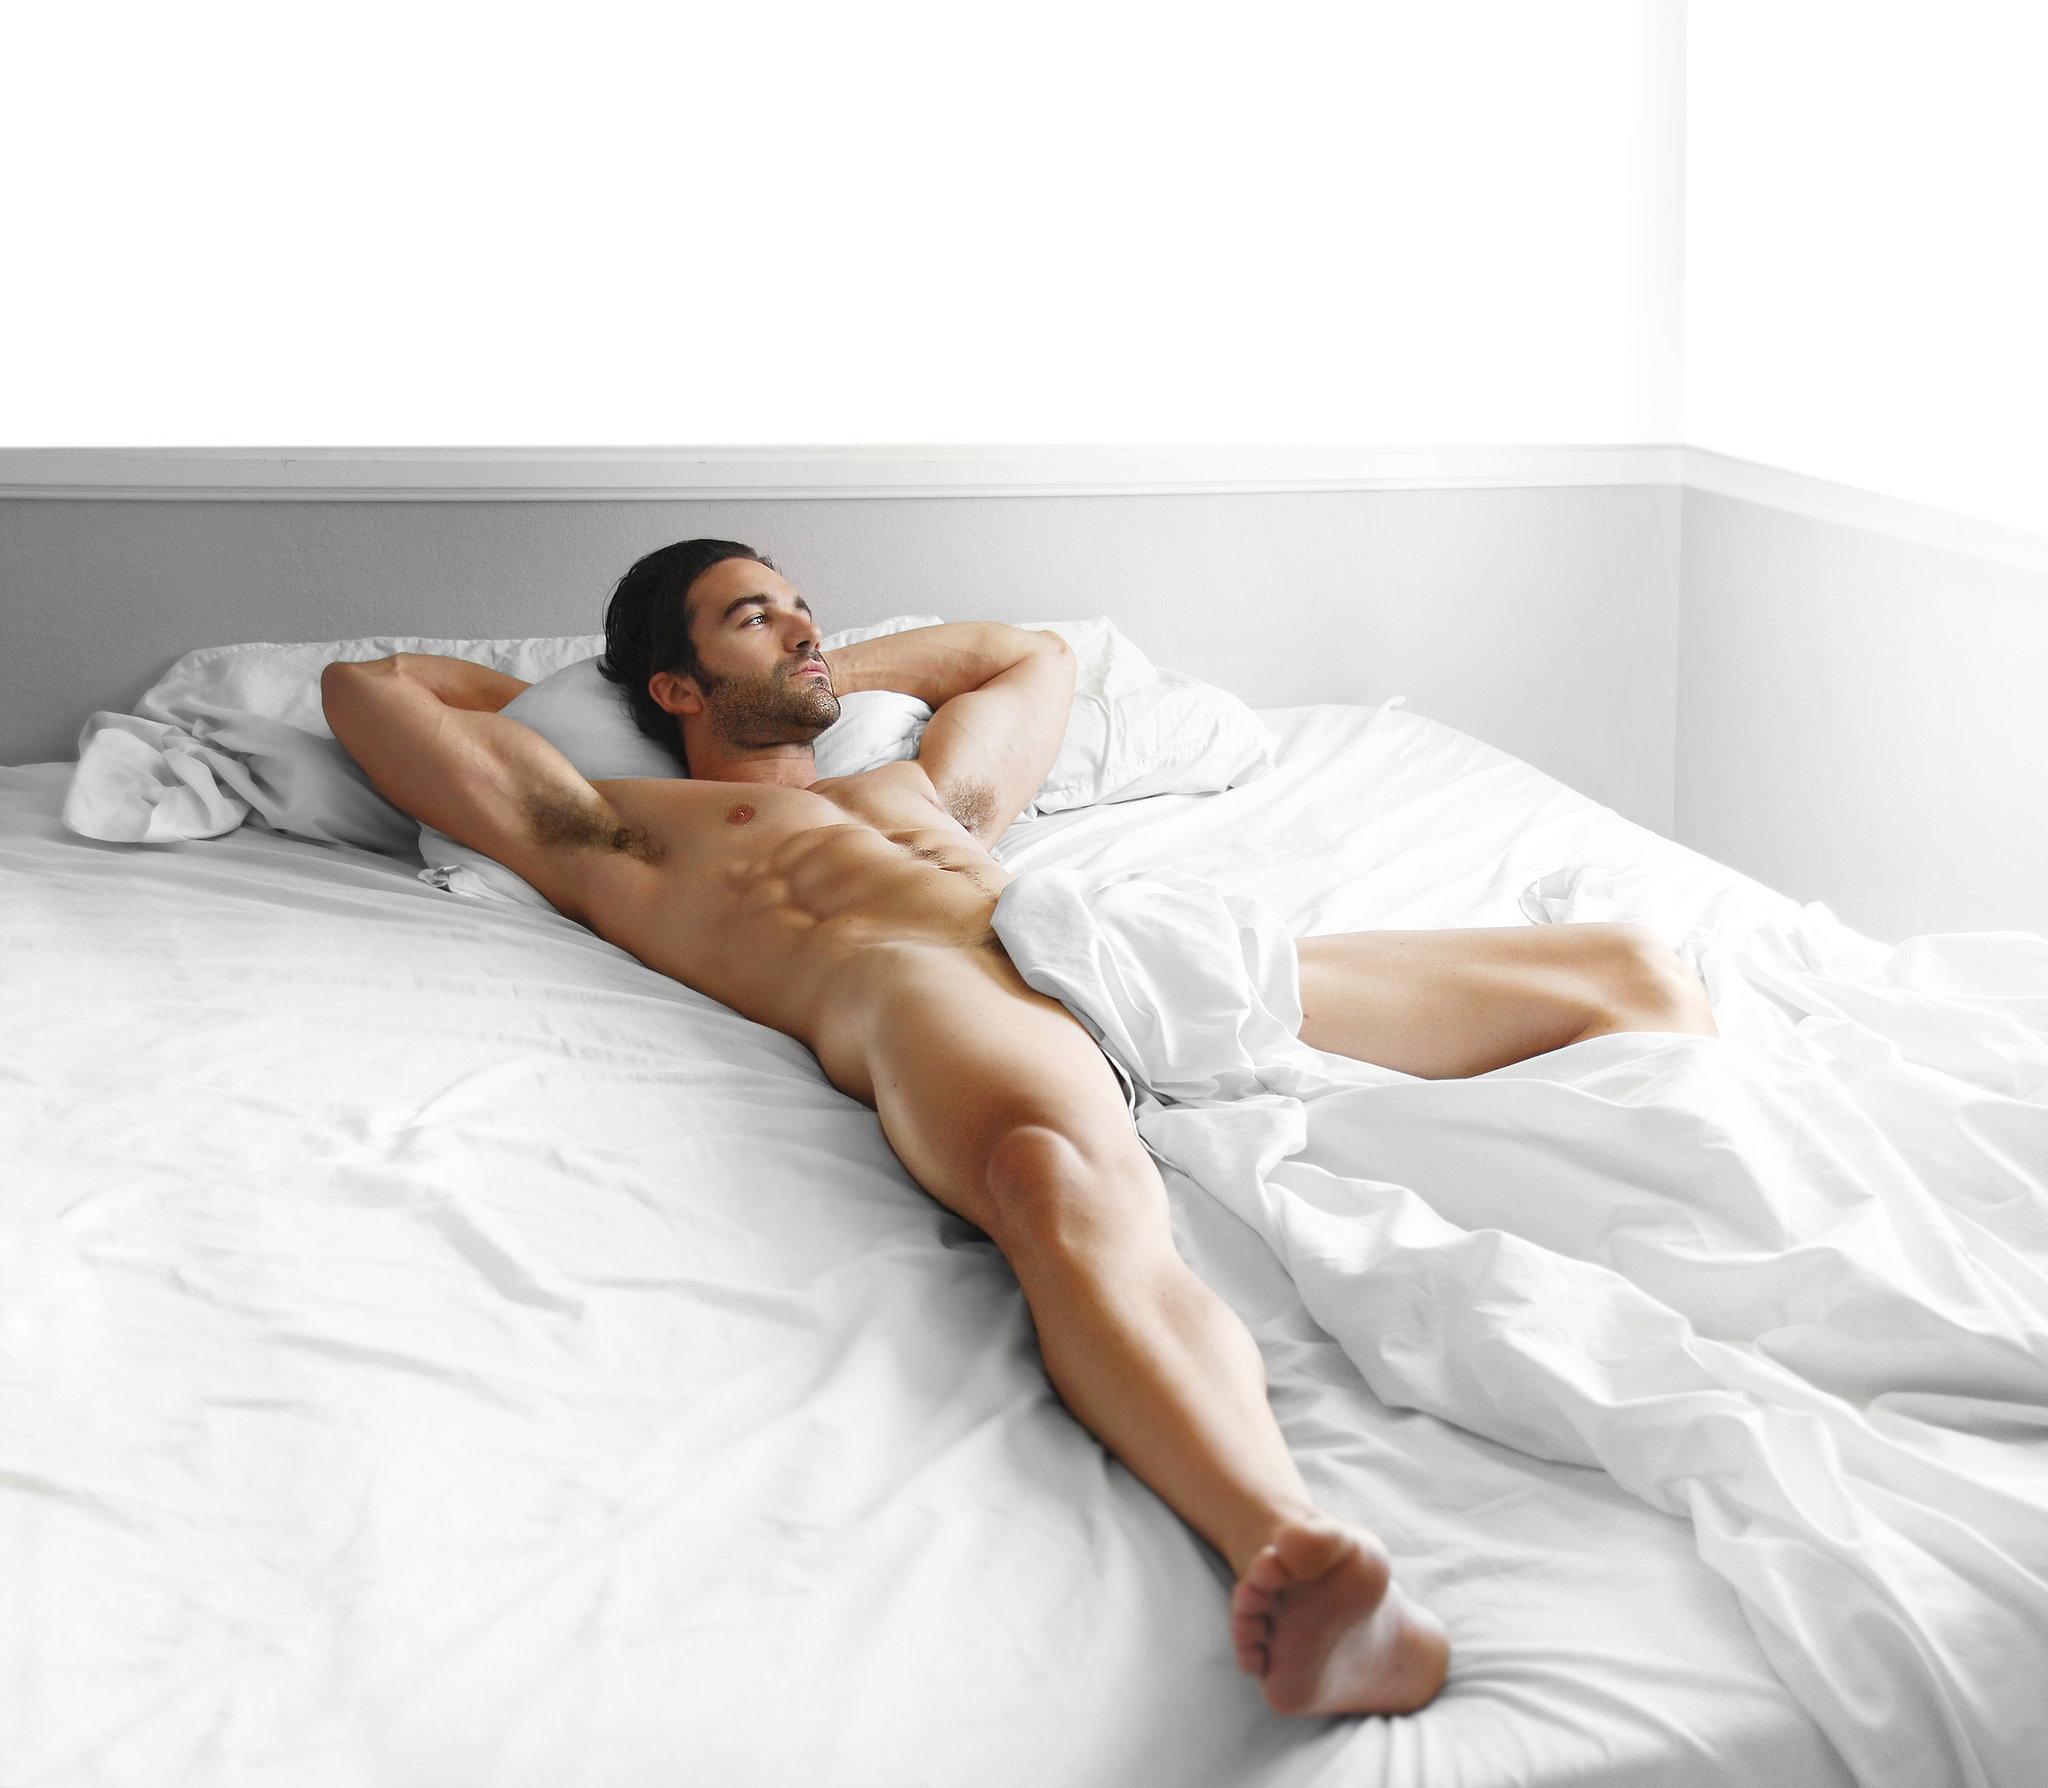 Фото мужчин голышом 9 фотография